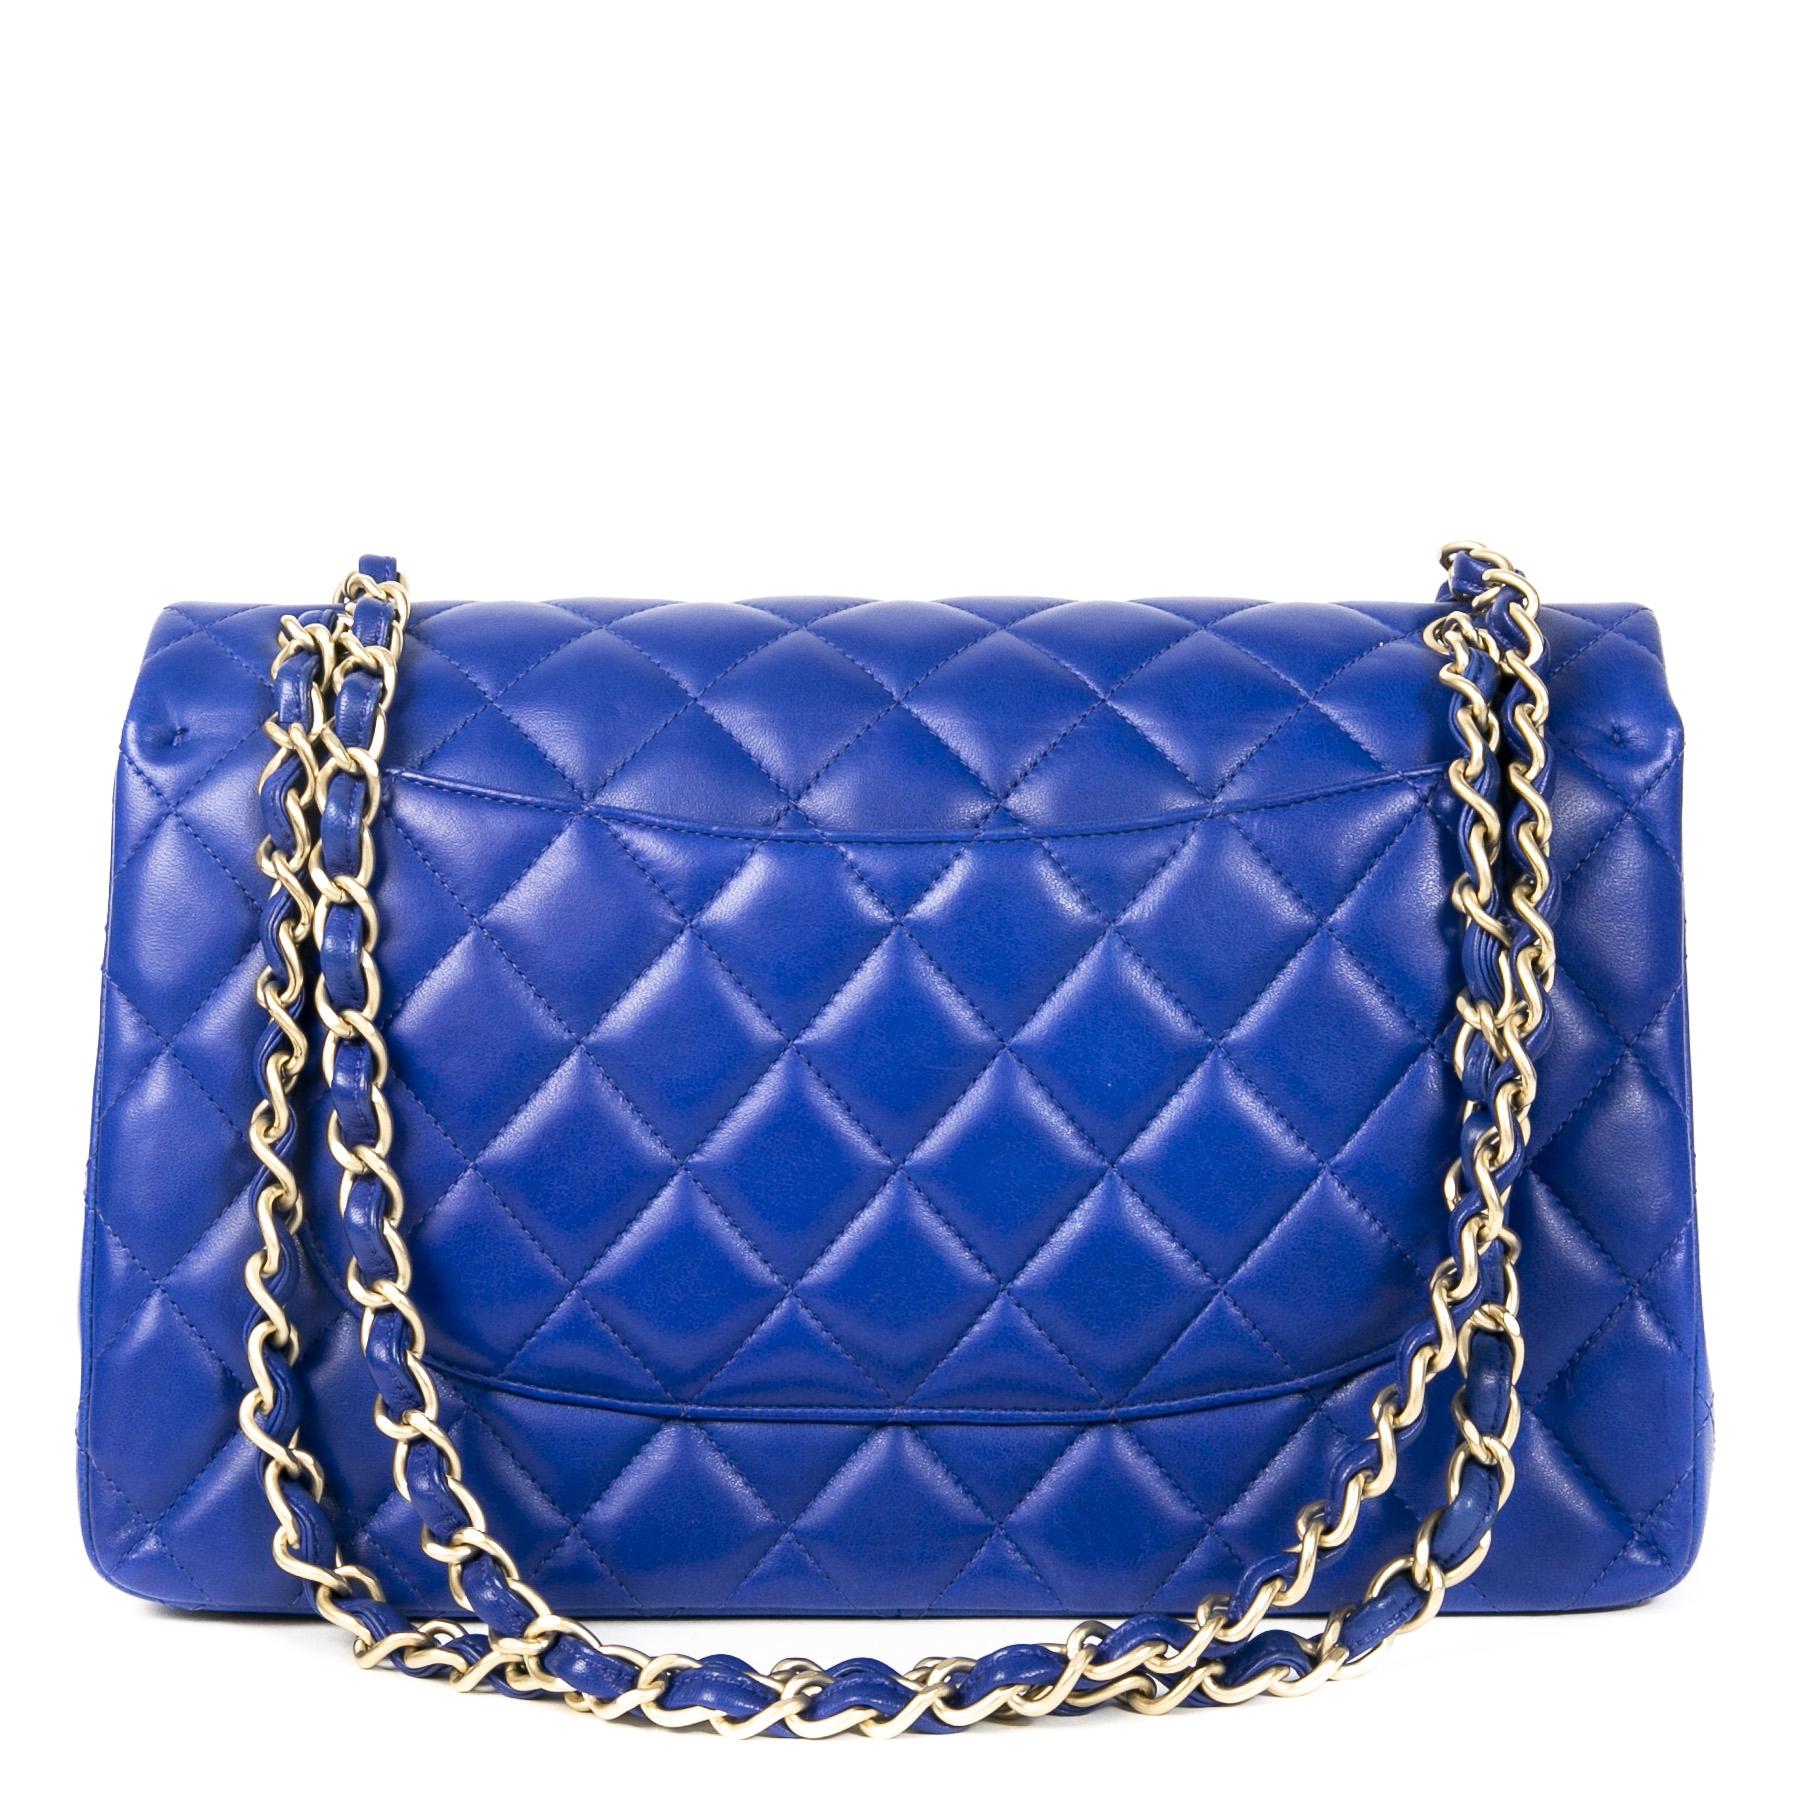 Authentieke Tweedehands Chanel Cobalt Blue Jumbo Classic Double Flap Bag juiste prijs veilig online shoppen luxe merken webshop winkelen Antwerpen België mode fashion